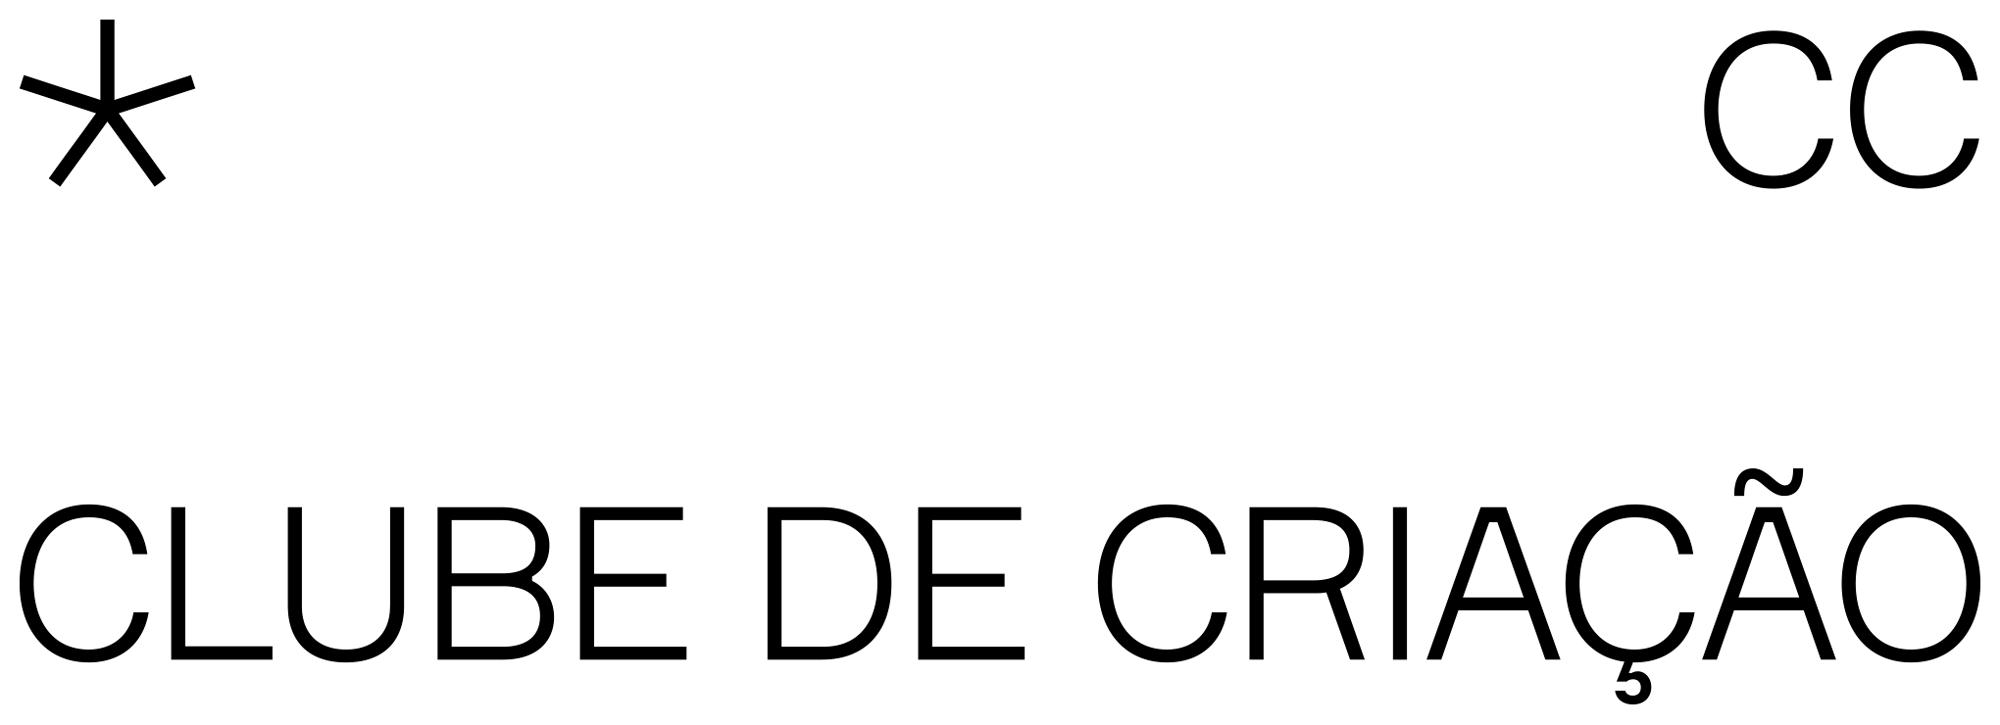 New Logo and Identity for Clube de Criação by Wieden+Kennedy